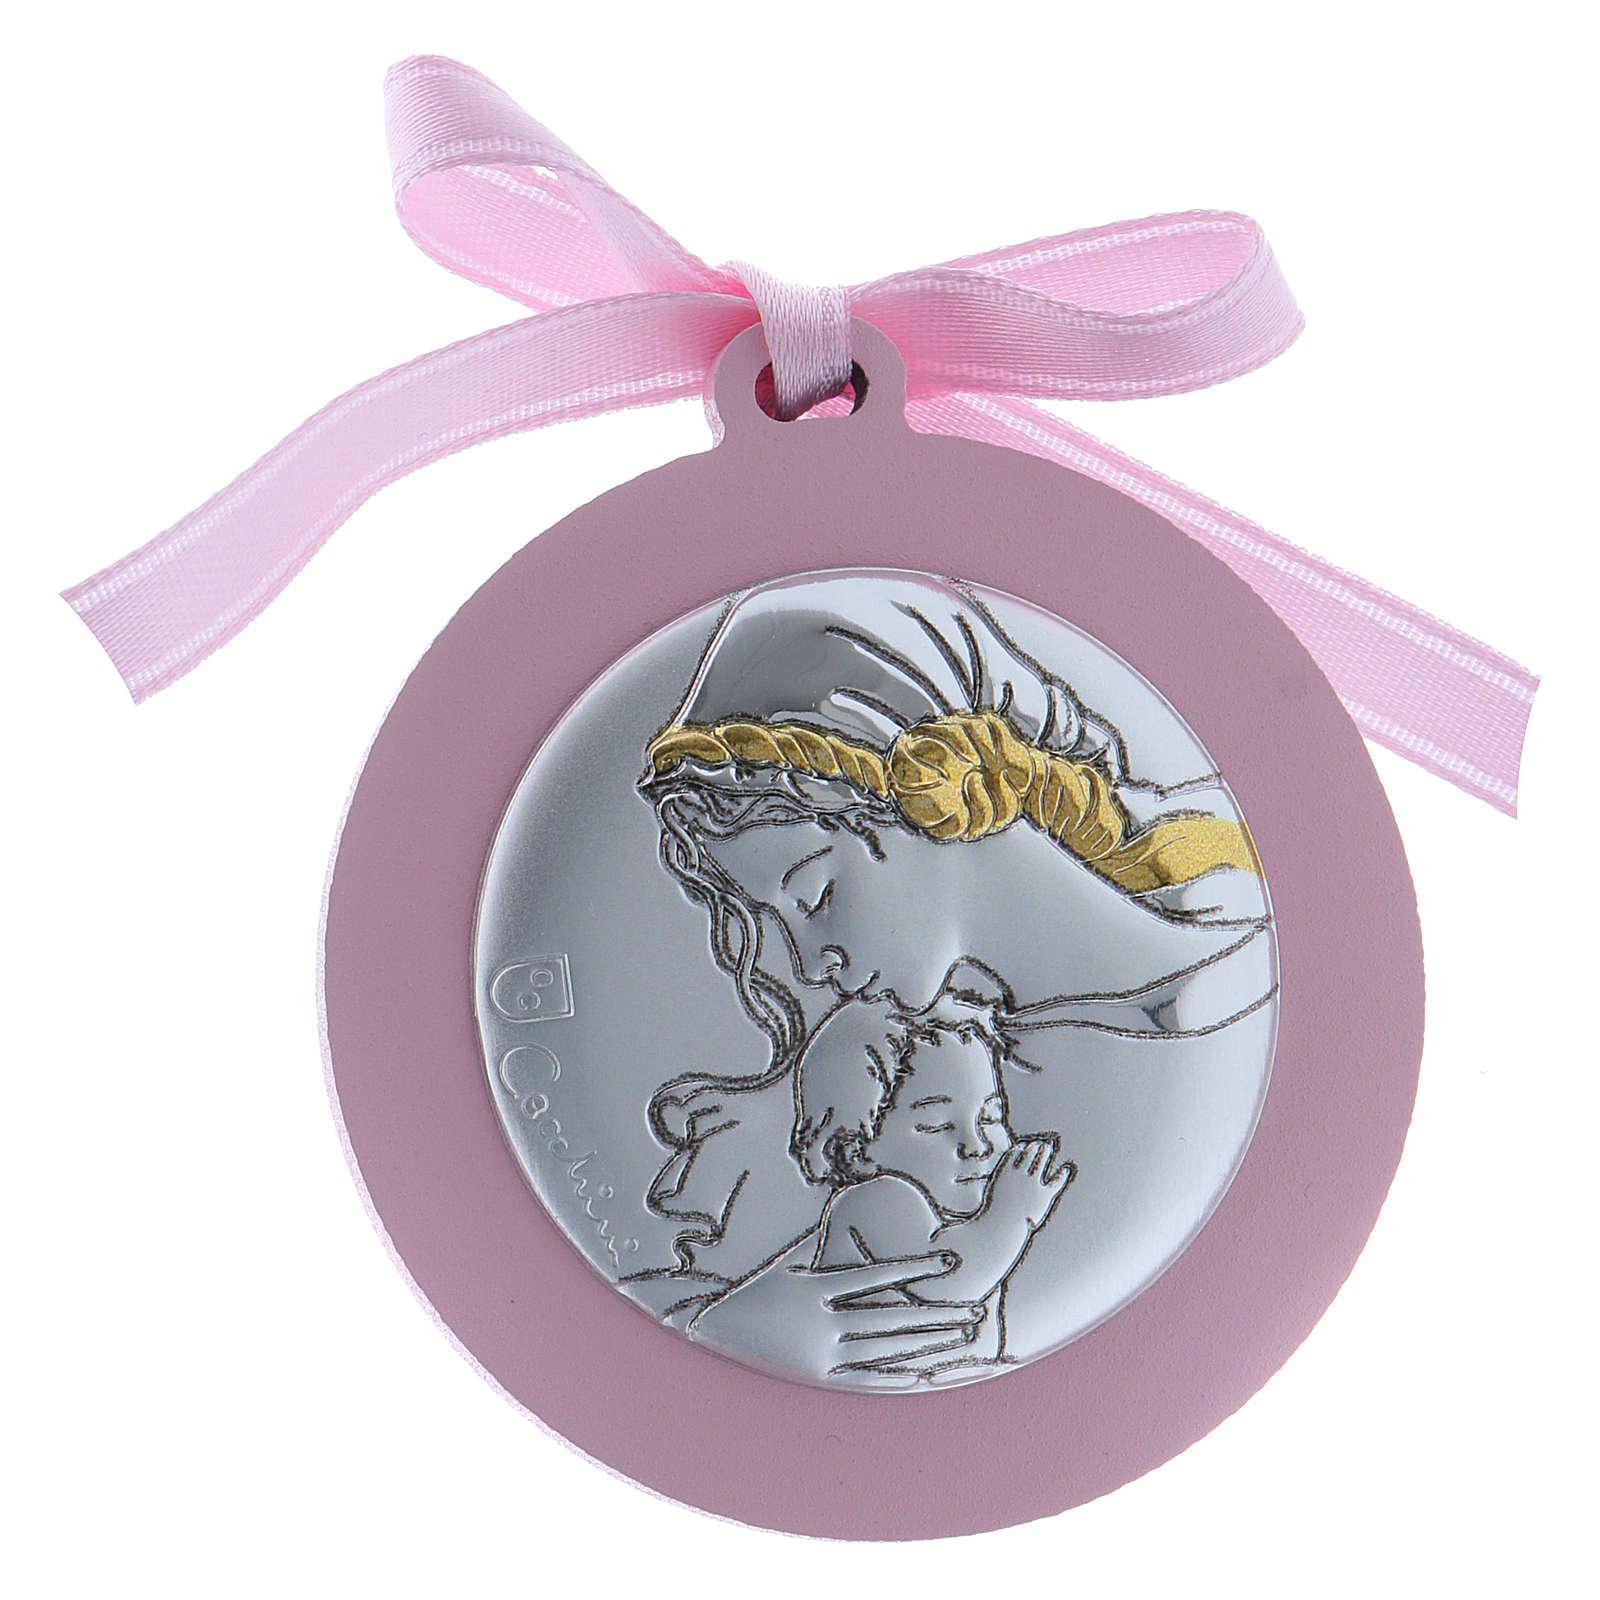 Image berceau Vierge Enfant bi-laminé finitions or ruban rose 4